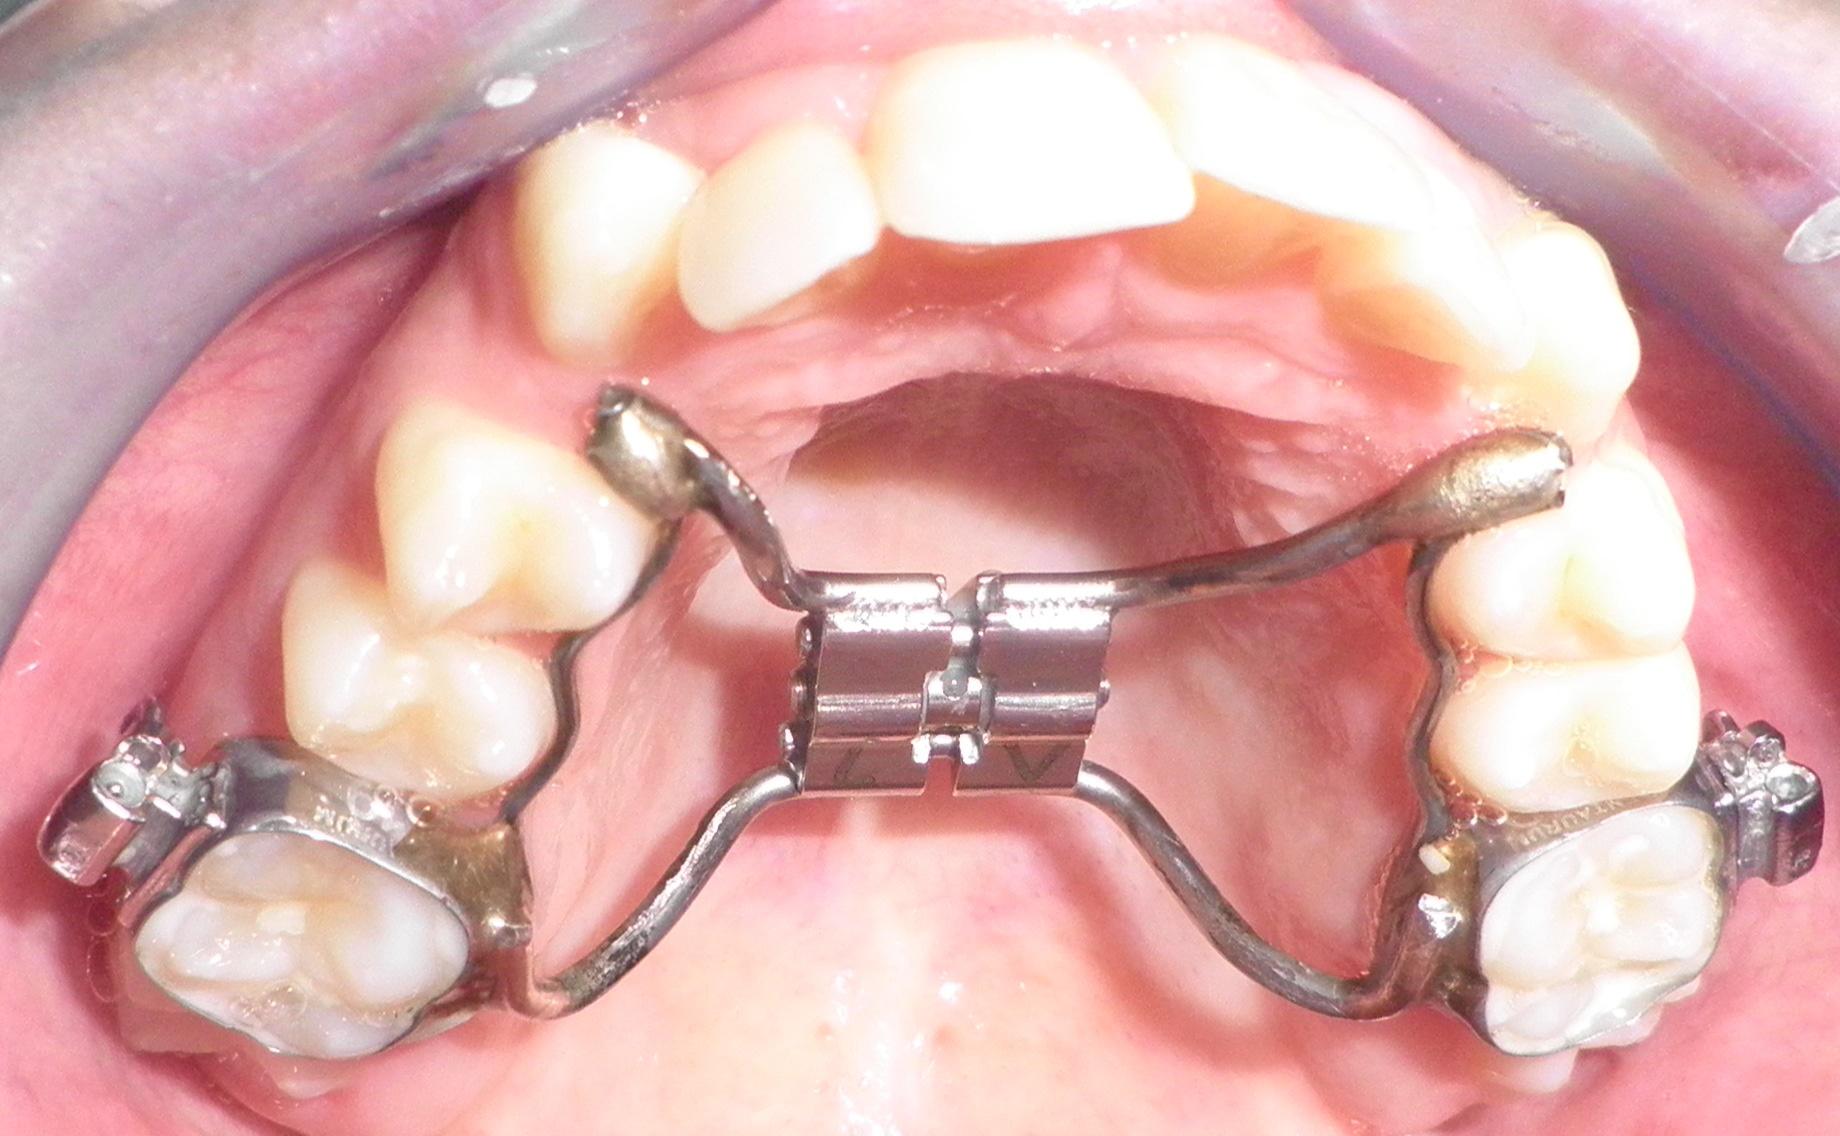 Οδοντοστοιχία με σταθερό μηχανισμό διεύρυνσης γνάθου